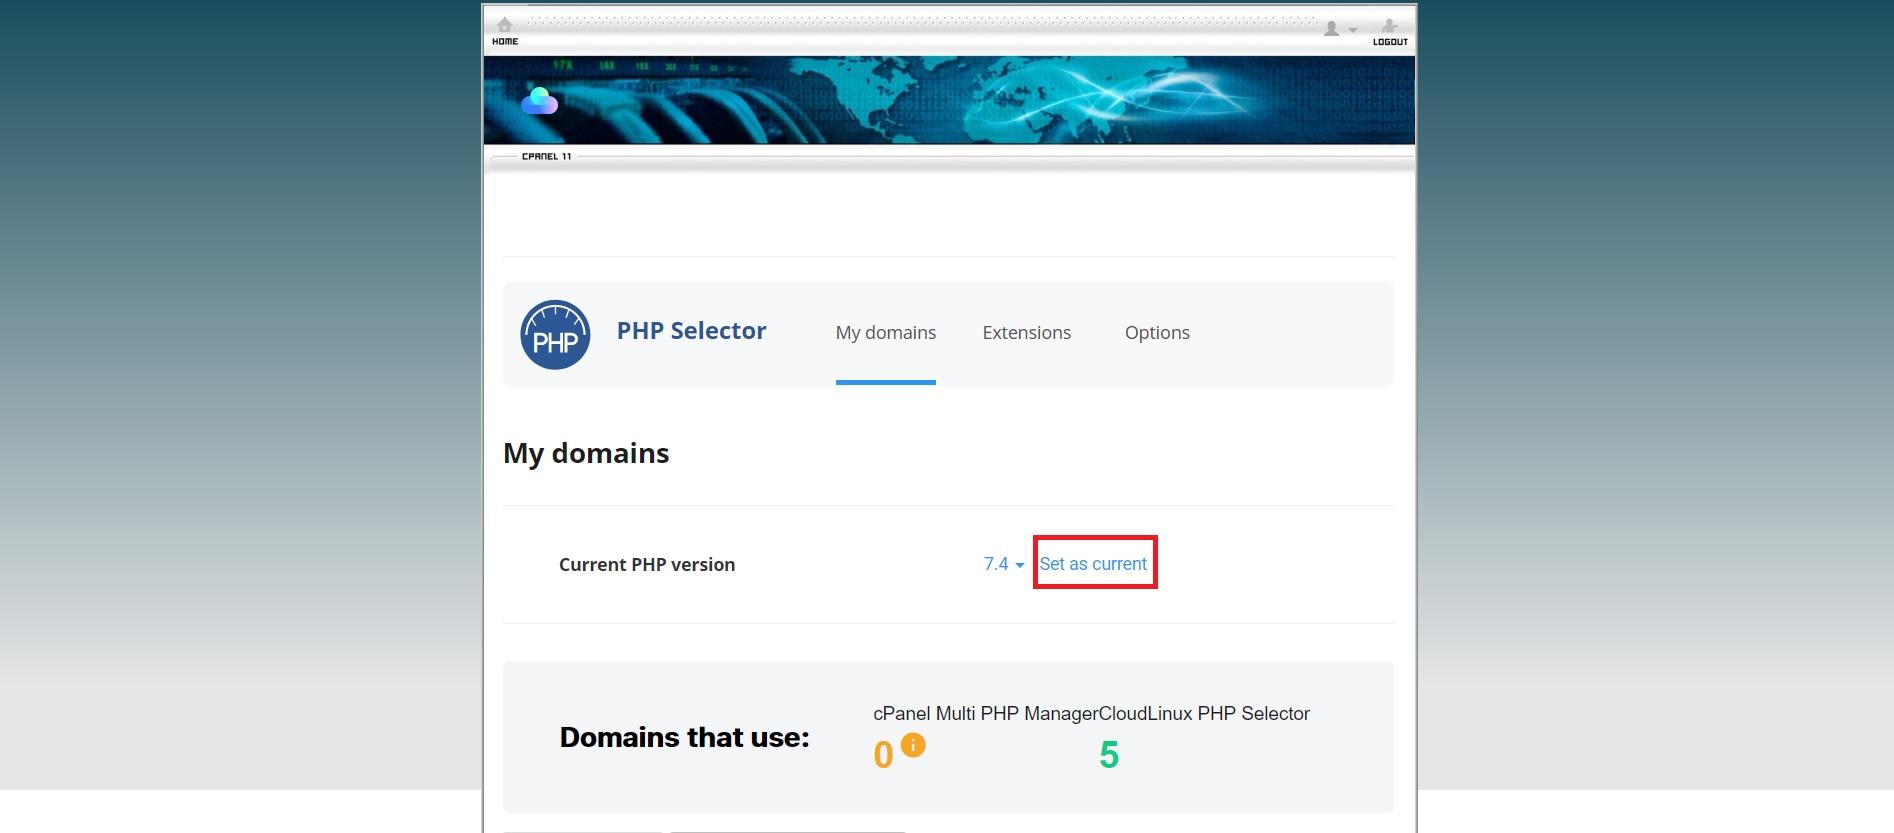 آموزش تغییر نسخه PHP در سی پنل